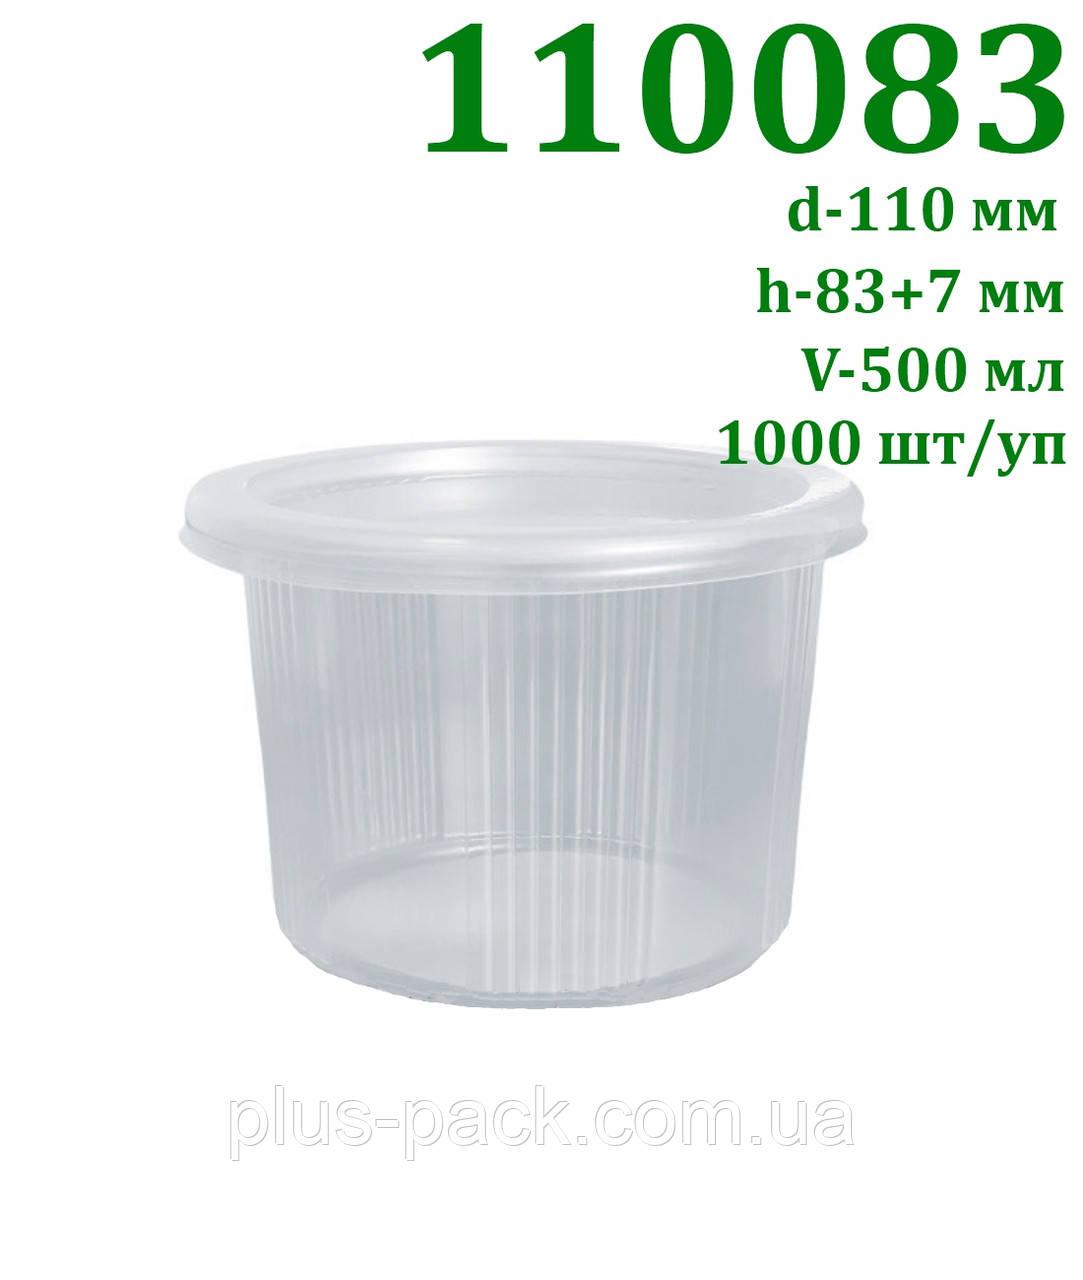 Одноразовая упаковка для первых блюд на 500 мл